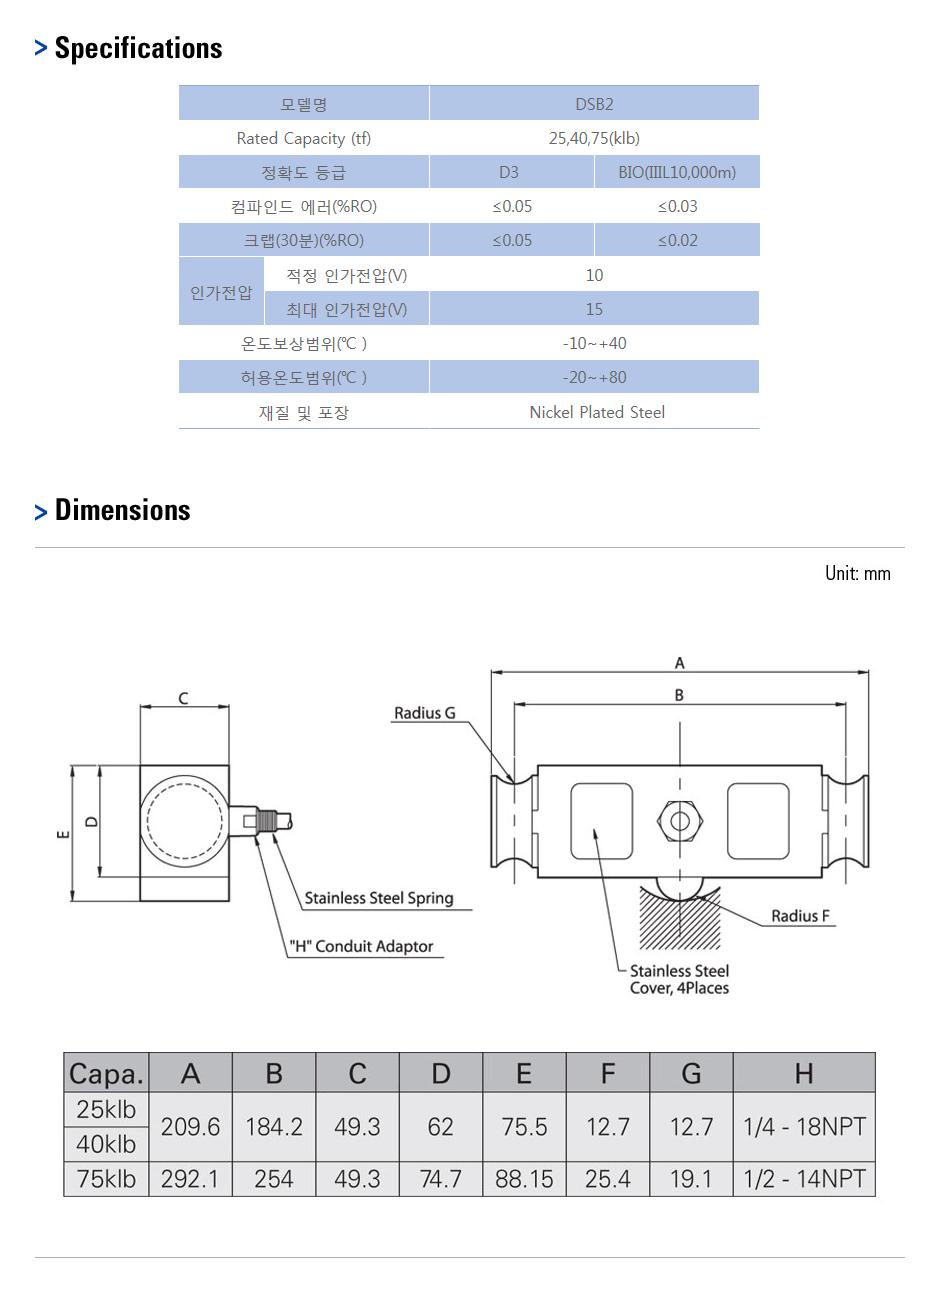 카스 로드셀 - Truck & Tank weighing 타입  22